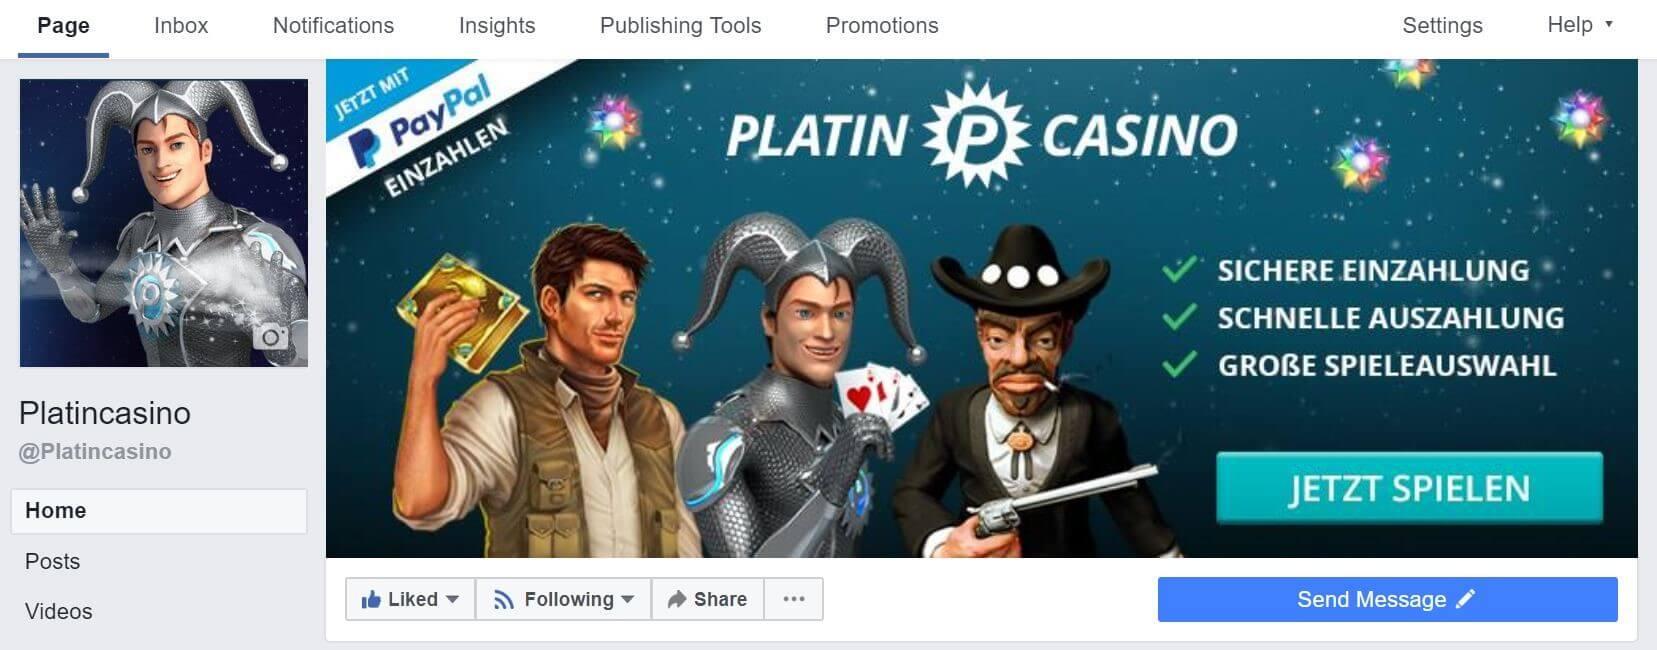 Platincasino Facebook Cover Photo